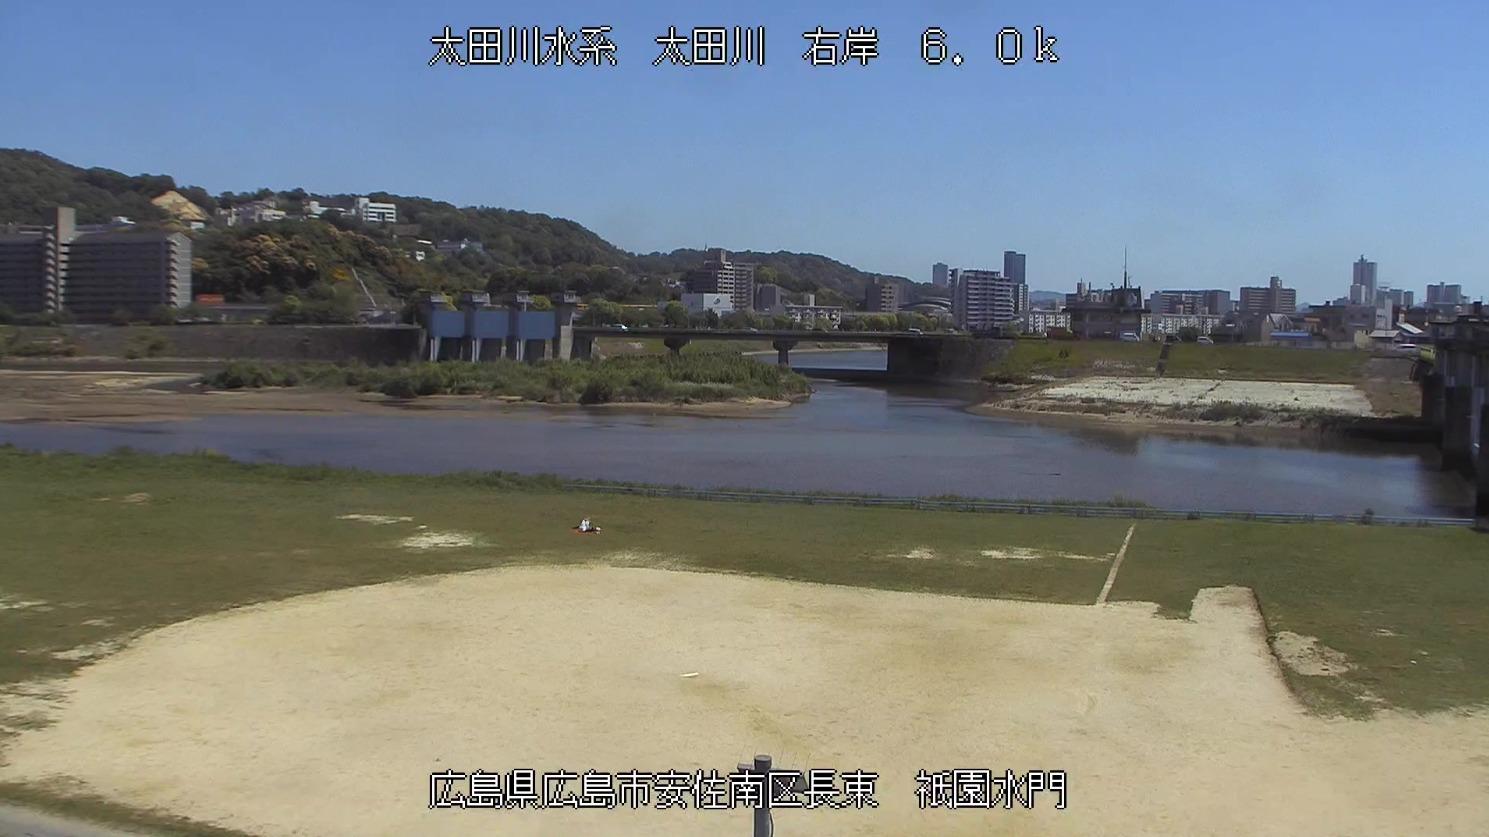 太田川祇園水門空間ライブカメラ(広島県広島市安佐南区)